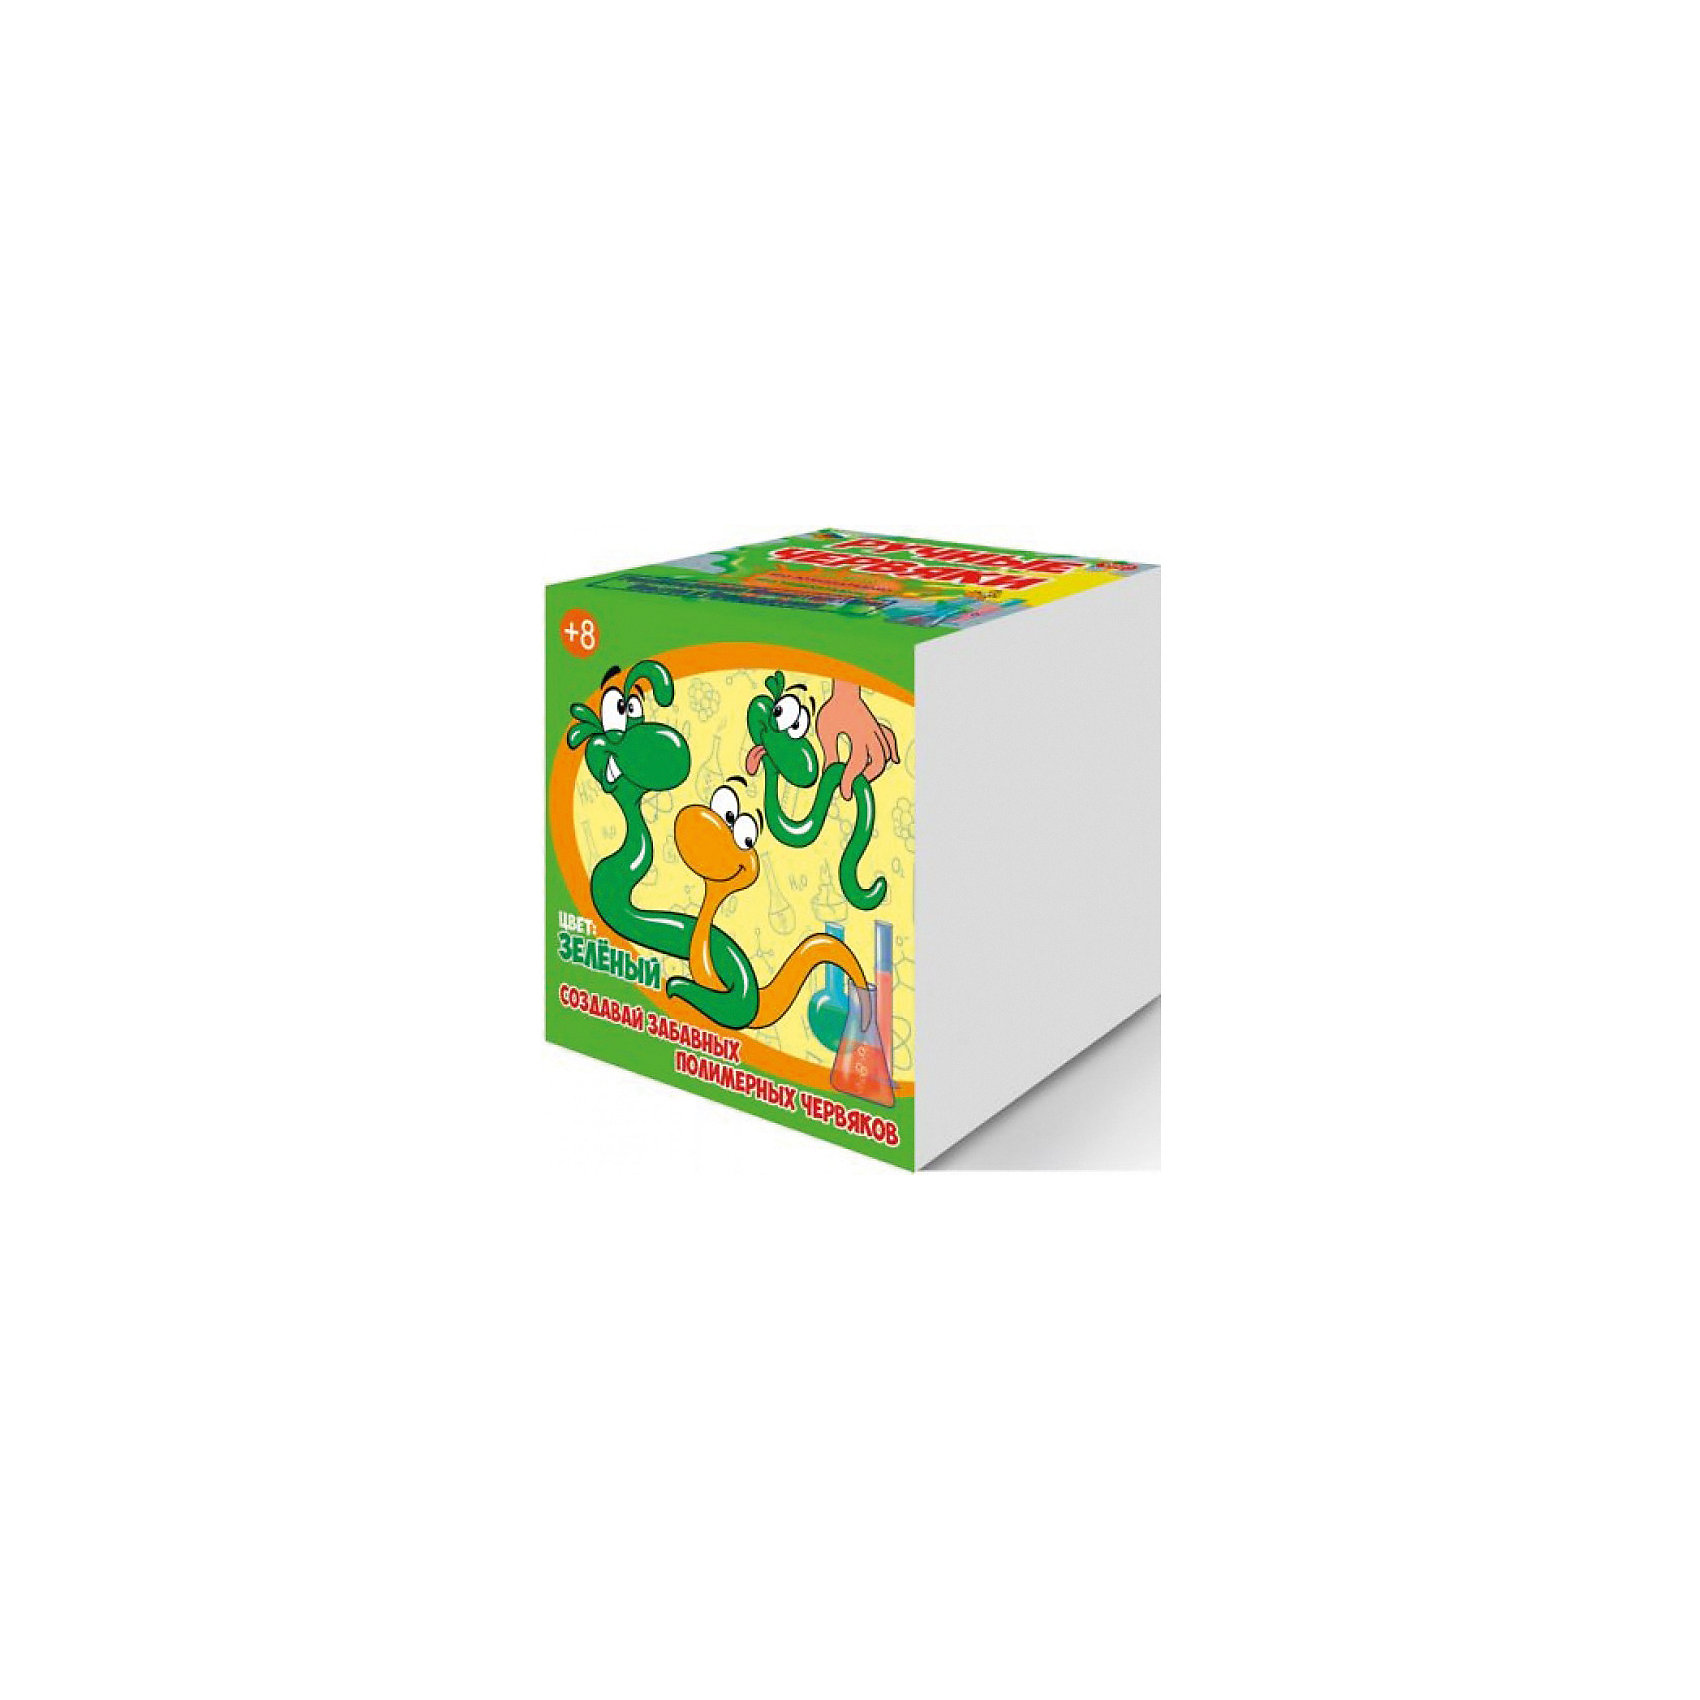 Набор для опытов Цветные полимерные червяки, цвет зеленый, GOOD FUNХимия<br>Характеристики:<br><br>• возраст: от 8 лет<br>• в наборе: альгинат натрия, хлорид кальция, краситель, пластиковый мерный стаканчик, пластиковый цветной стаканчик, перчатки, мерная ложечка, 2 палочки для размешивания, шприц без иглы, инструкция<br>• дополнительно потребуется: стеклянная банка объемом не менее 0,5 л.<br>• для проведения опыта необходима помощь взрослых<br>• упаковка: картонная коробка<br>• размер упаковки: 12,5х12,5х12,5 см.<br>• вес: 200 гр.<br><br>Набор для опытов «Цветные полимерные червяки» позволит ребенку не только весело и с пользой провести время за приготовлением длинных червяков зеленого цвета, но и познакомится с веществами, которые обладают необычными свойствами - полимерами.<br><br>В набор входят реактивы и приспособления для изготовления полимерных червяков. Эксперимент прост, не надо ничего нагревать и долго ждать, поэтому ребенок справится самостоятельно. Но контроль со стороны взрослых обязателен. Реагенты, входящие в состав, являются пищевыми добавками, поэтому процедура максимально безопасна. Готовых червяков можно растягивать, завязывать в узлы, заплетать в косички.<br><br>Набор для опытов «Цветные полимерные червяки» от GOOD FUN (ГУД ФАН) – это легко, познавательно и увлекательно.<br><br>Набор для опытов Цветные полимерные червяки, цвет зеленый, GOOD FUN (ГУД ФАН) можно купить в нашем интернет-магазине.<br><br>Ширина мм: 125<br>Глубина мм: 125<br>Высота мм: 125<br>Вес г: 250<br>Возраст от месяцев: 96<br>Возраст до месяцев: 2147483647<br>Пол: Унисекс<br>Возраст: Детский<br>SKU: 6863125